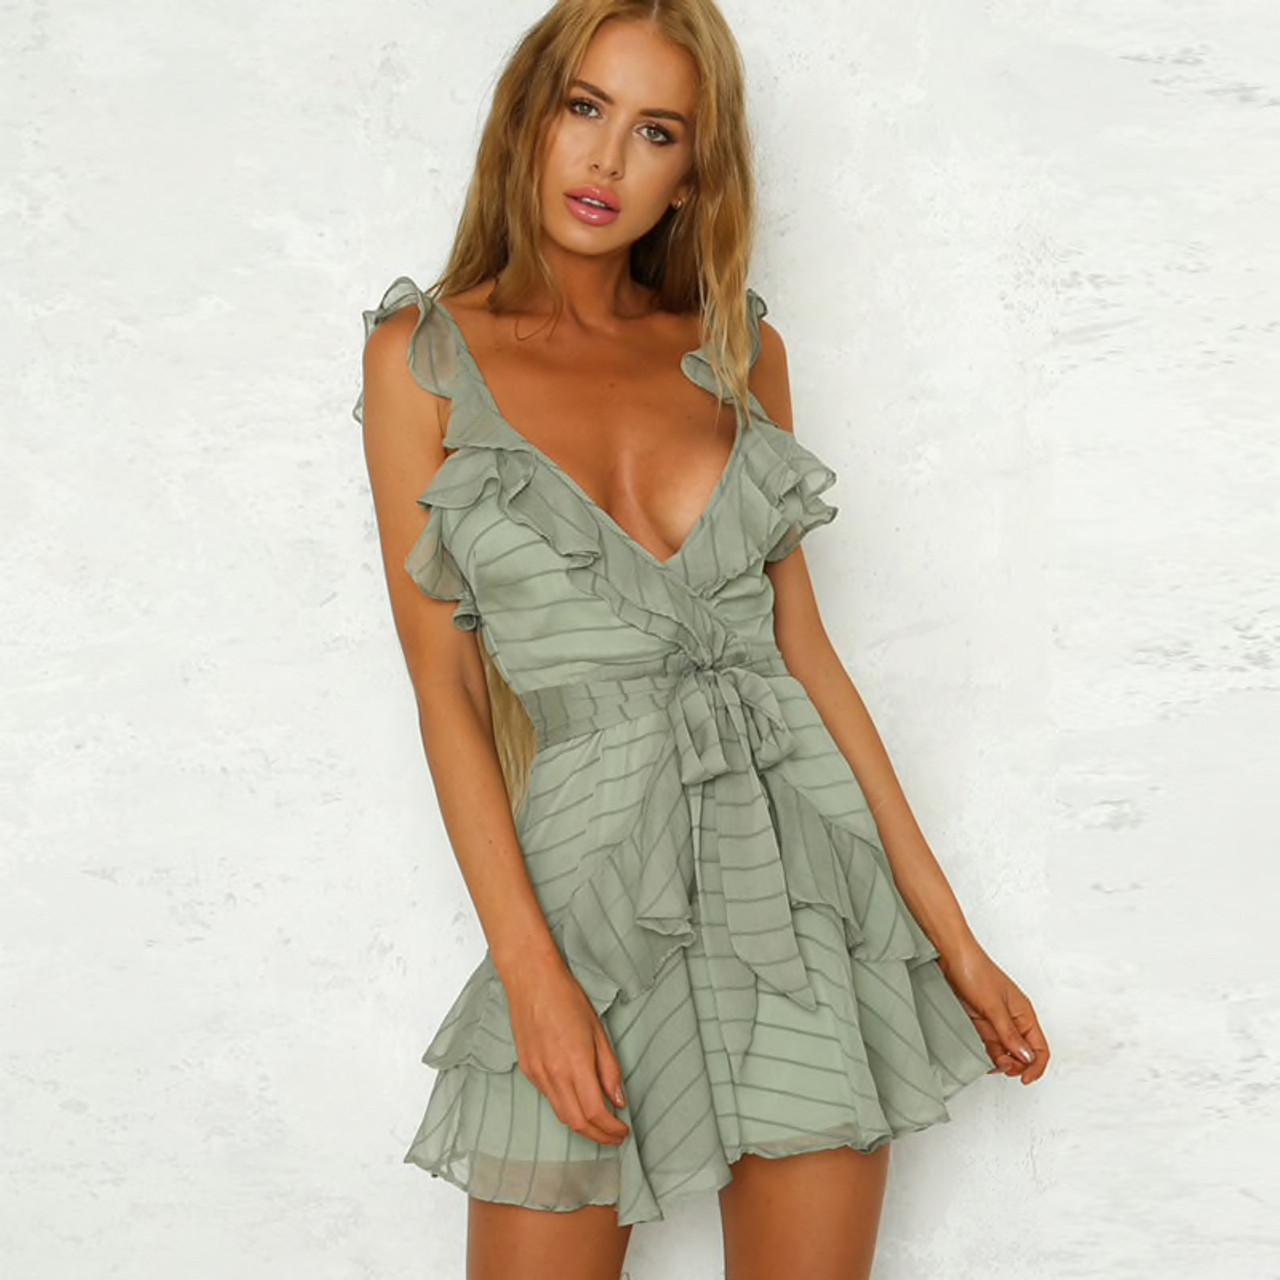 a81f08c5fc96d Summer Dress 2019 Frill Ruffle Beach Dress Women Sleeveless Deep V Neck  Sexy Backless Tie Mini Casual Dress Jurken Sundress Robe {Khaki Green}